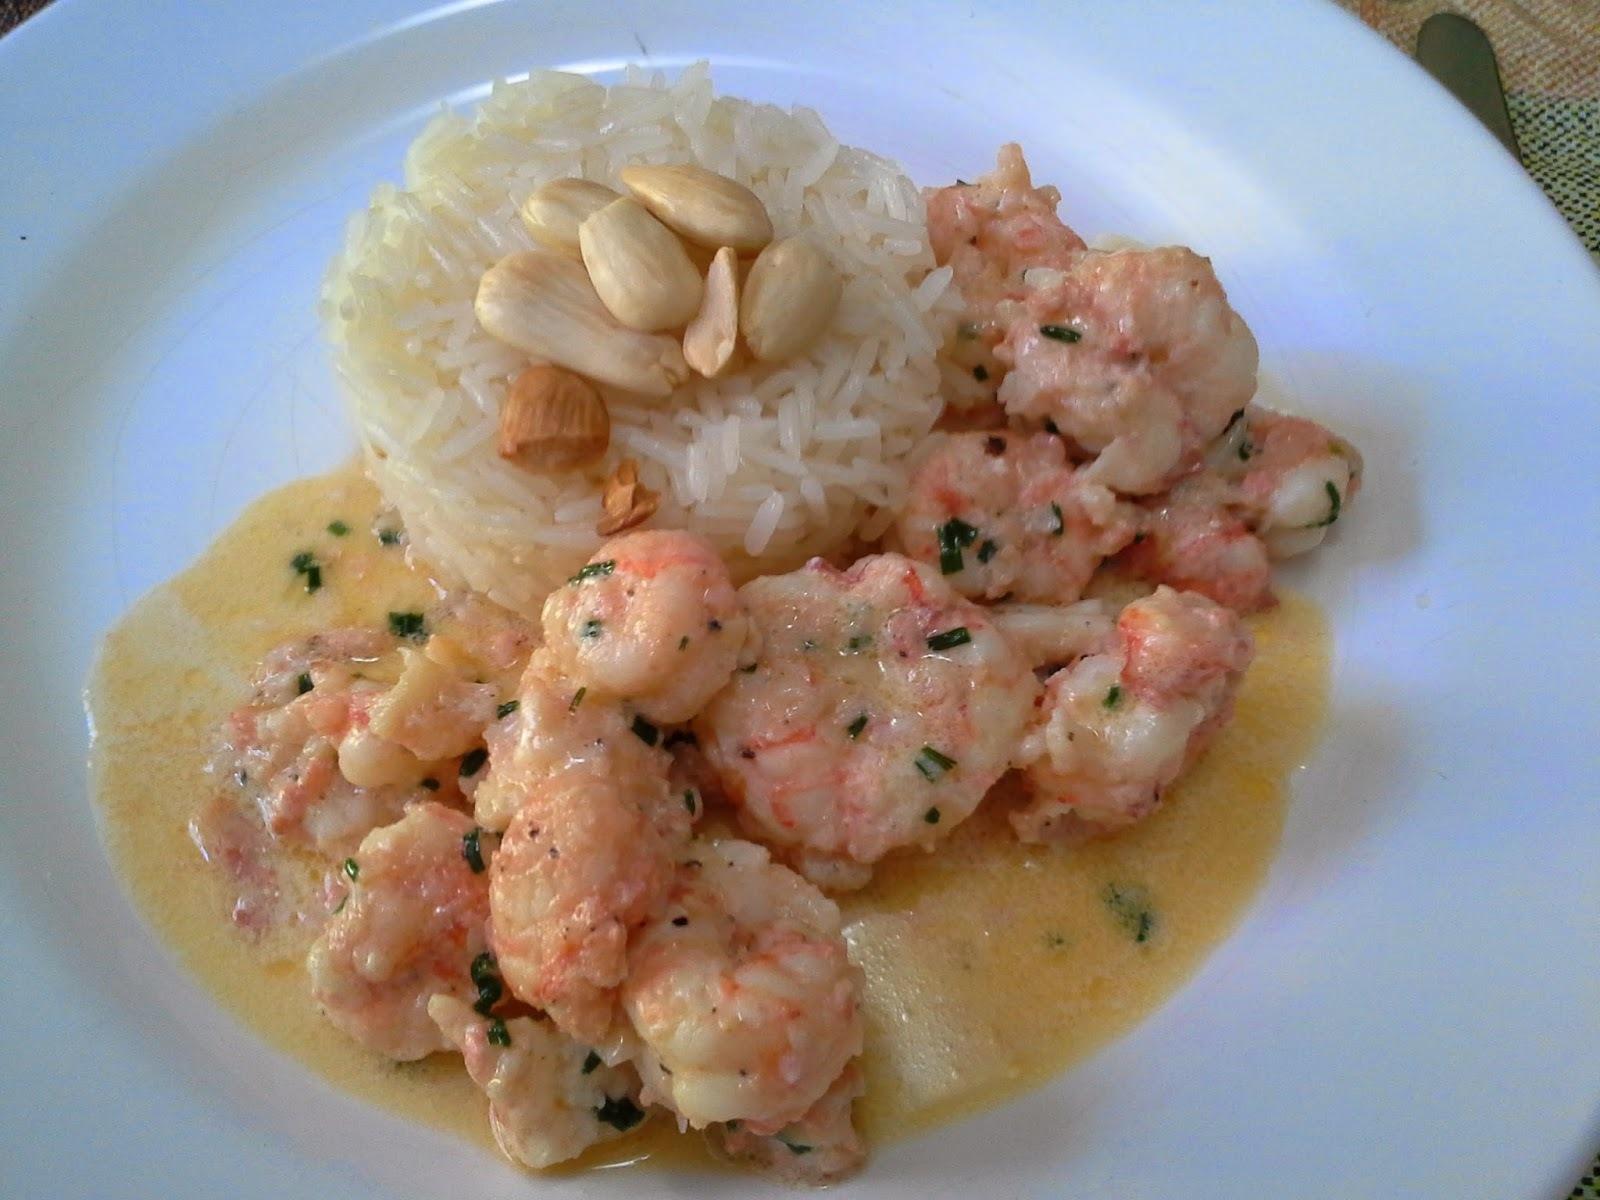 arroz com lagostim